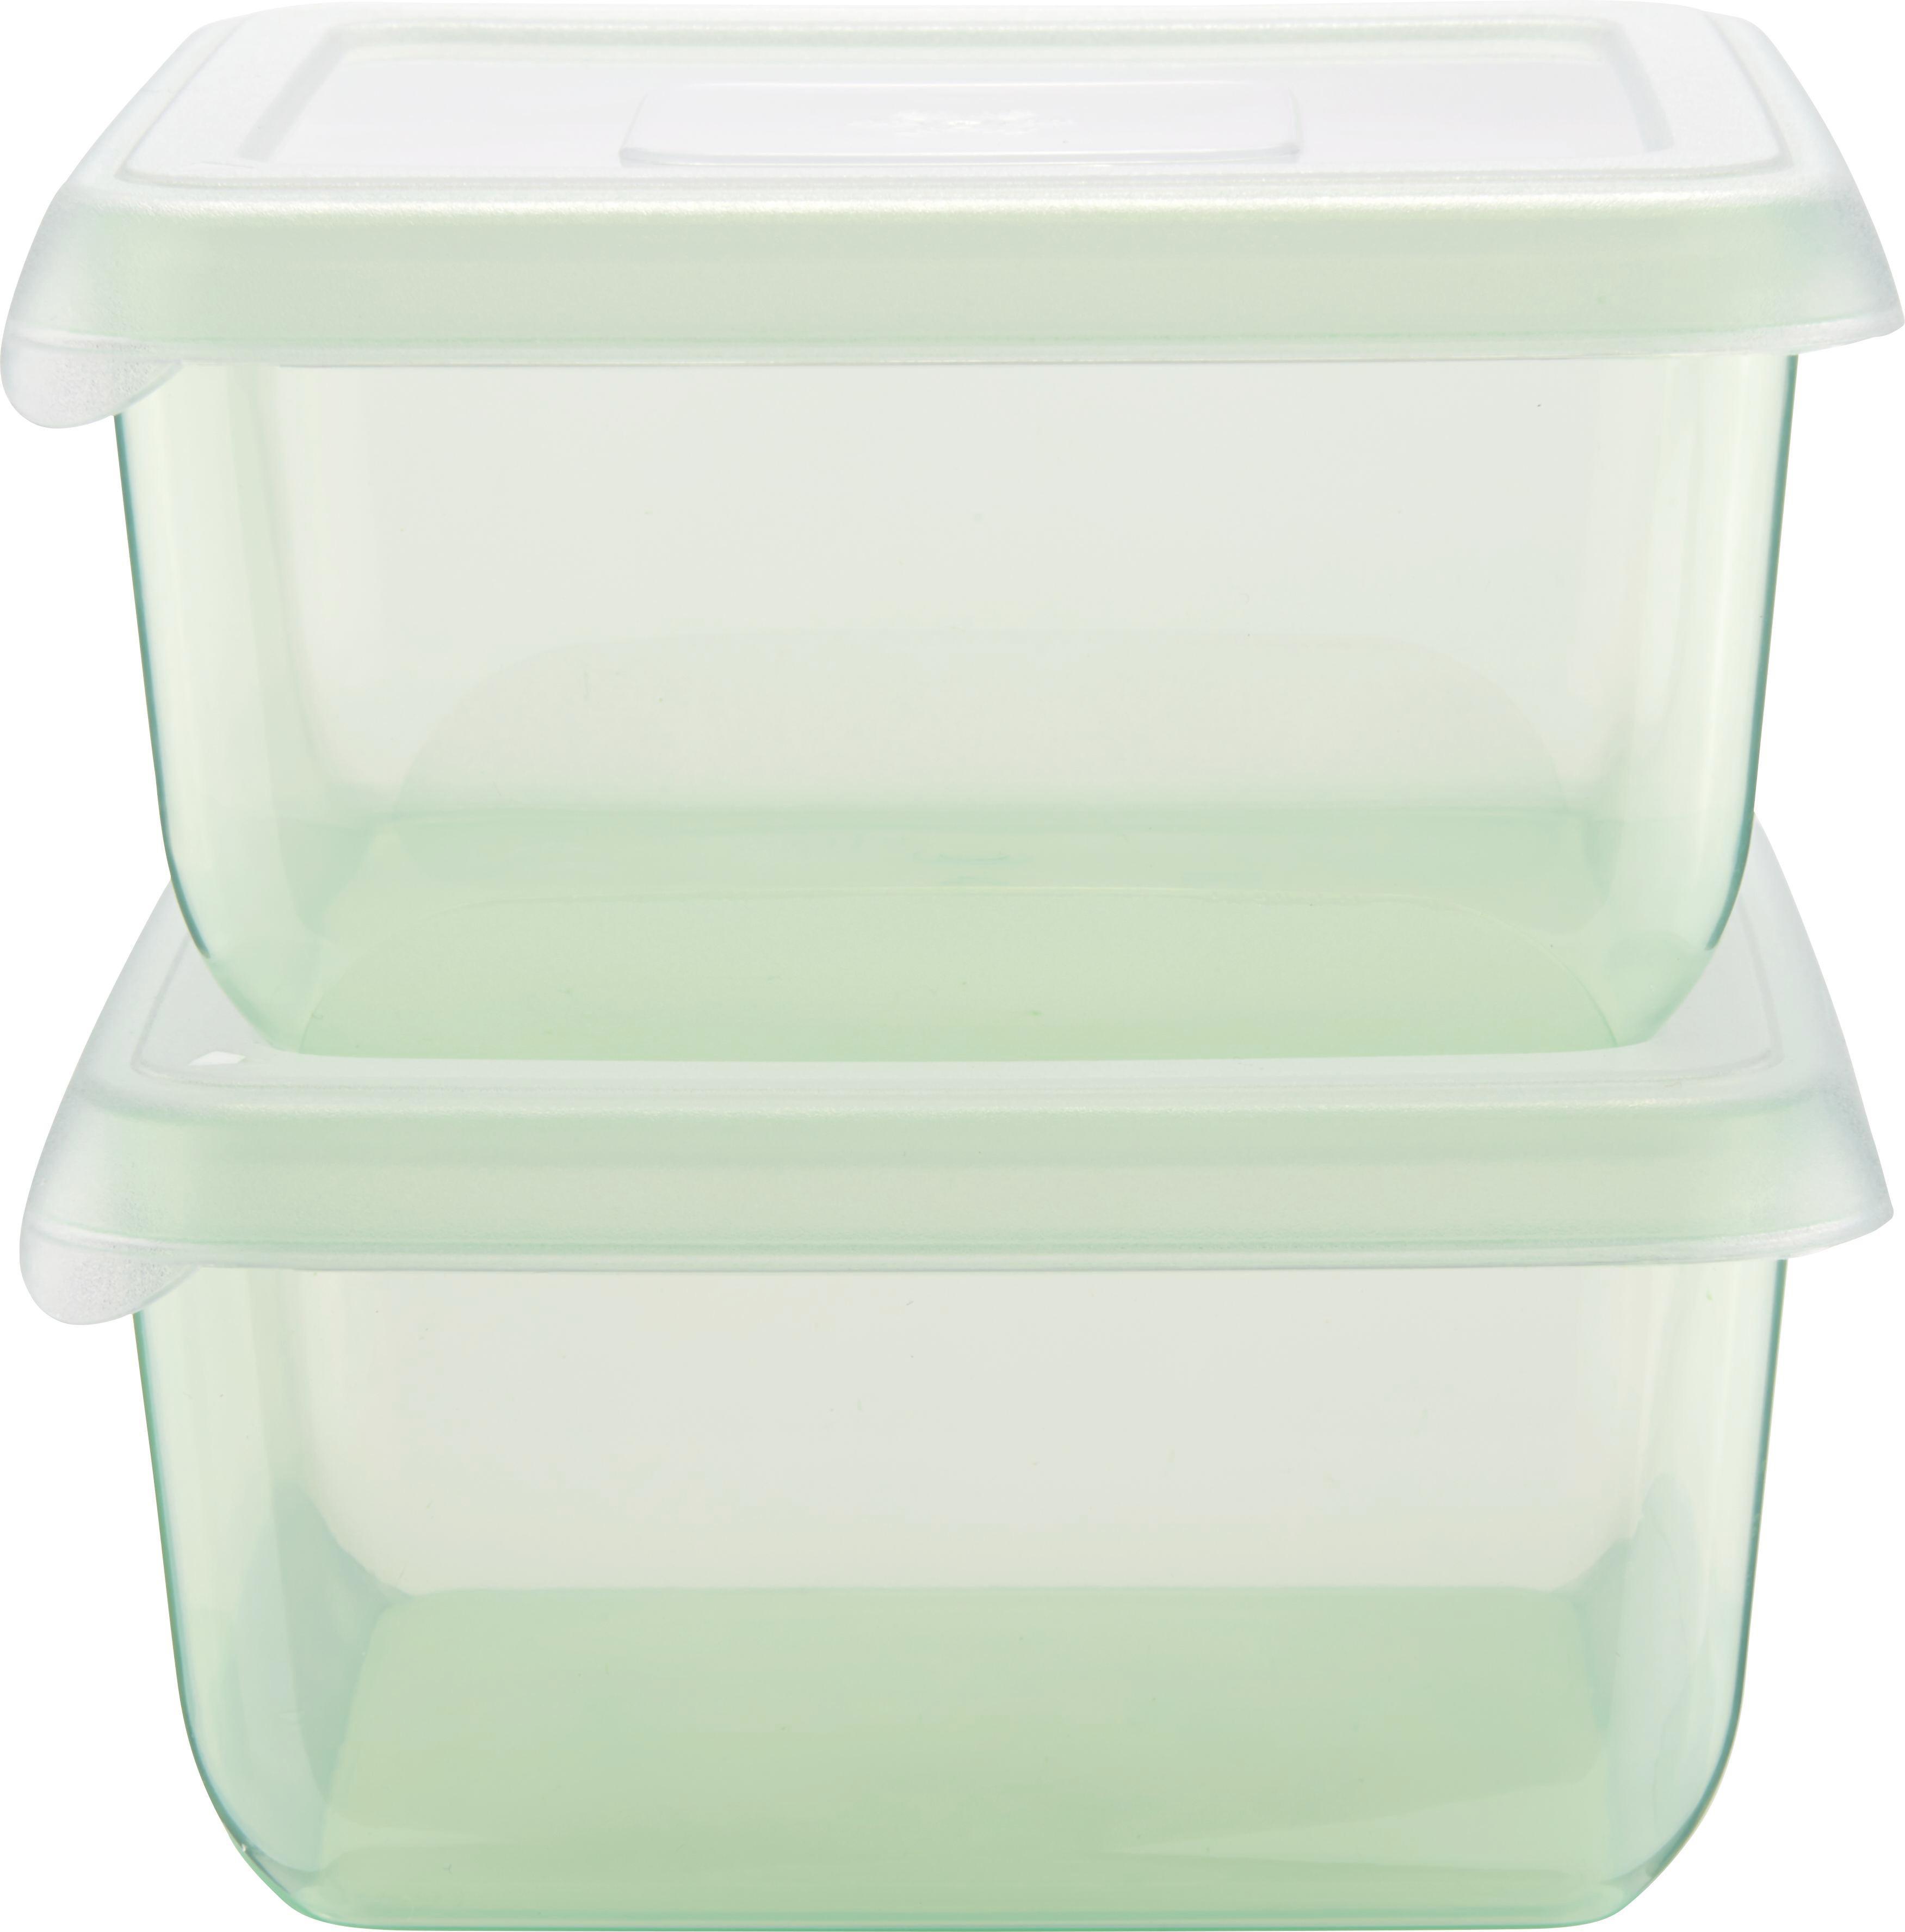 Műanyag Edény Többféle Méret - lila/türkiz, műanyag (0,13-5l) - MÖMAX modern living